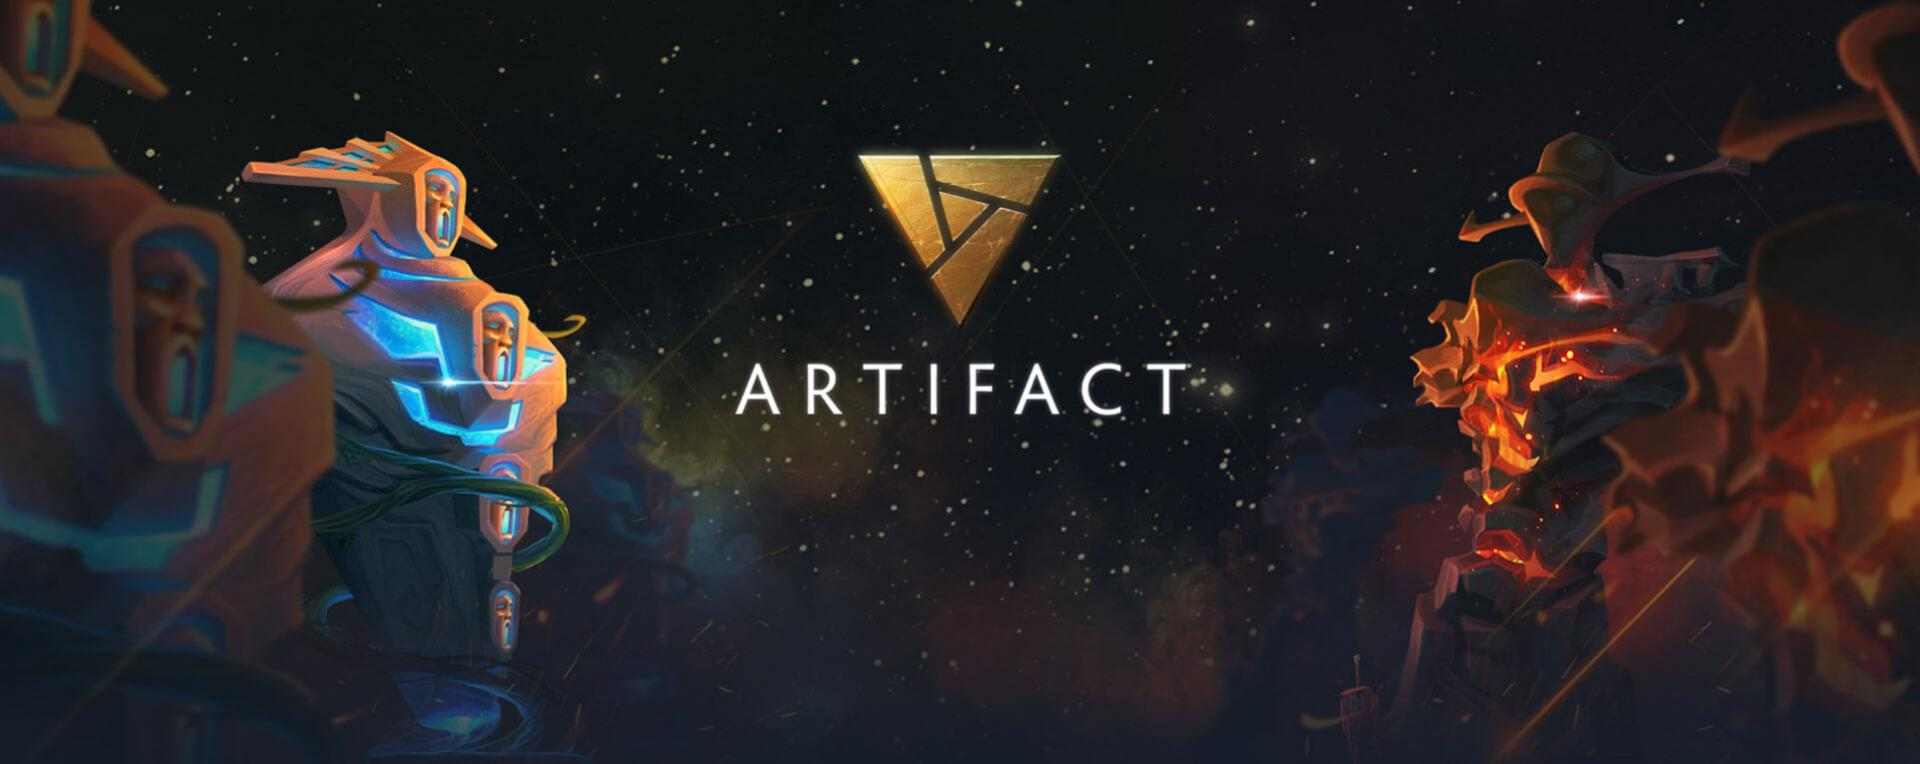 ИграArtifact доживает свои последние дни помнению фанатов